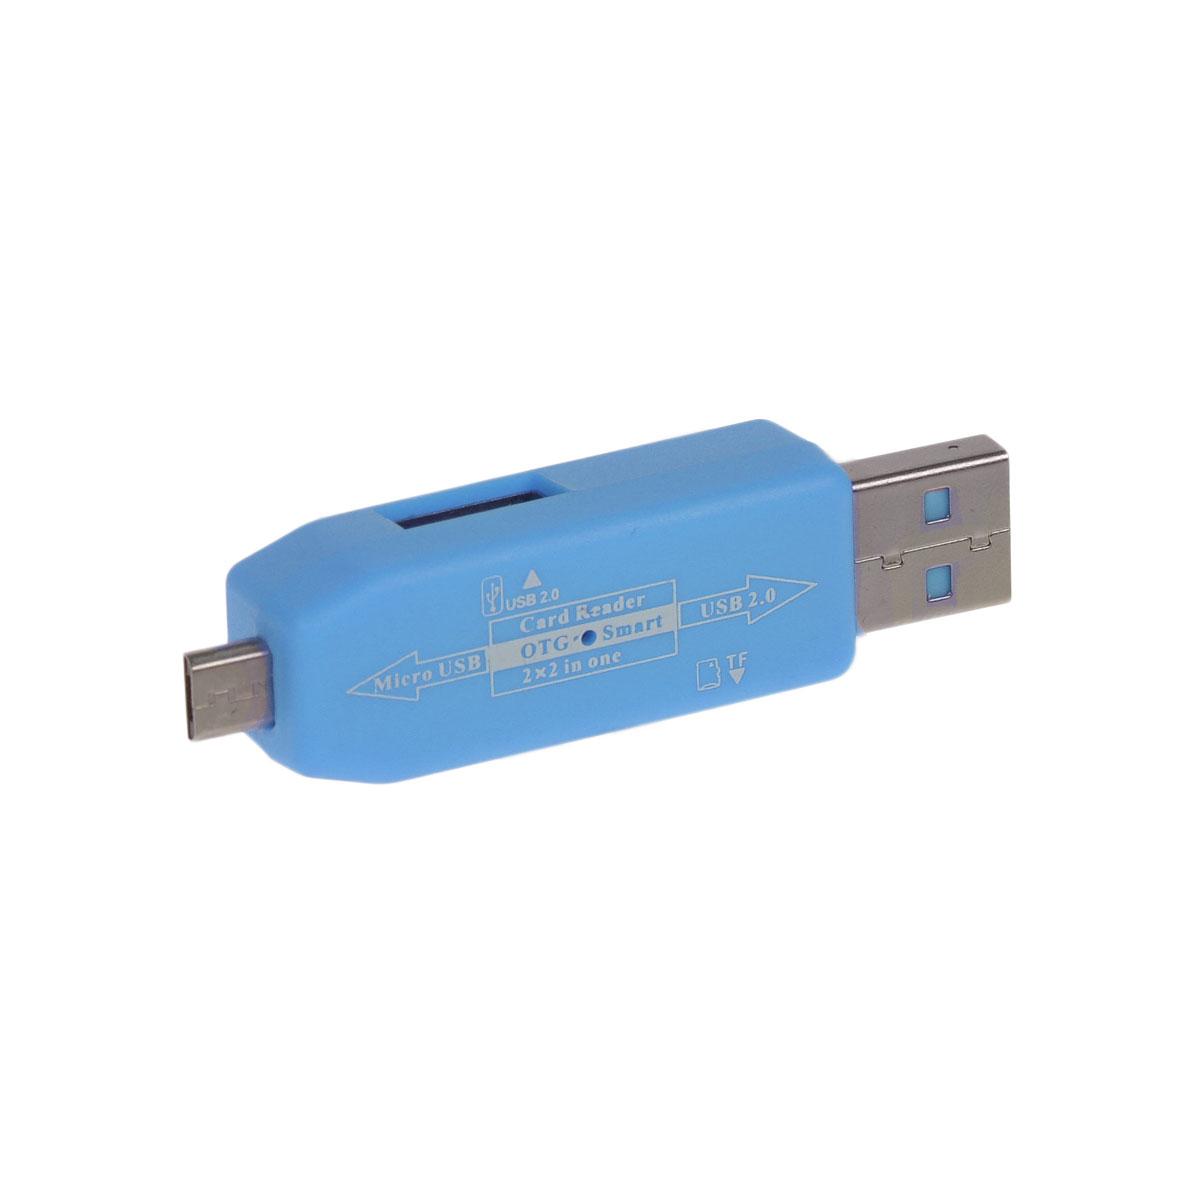 Liberty Project USB/Micro USB OTG, Light Blue картридерR0007635Картридер Liberty Project USB/Micro USB OTG предназначен для периферийных USB-устройств друг с другом без необходимости подключения к компьютеру. Девайс также имеет поддержку карт памяти microSD.